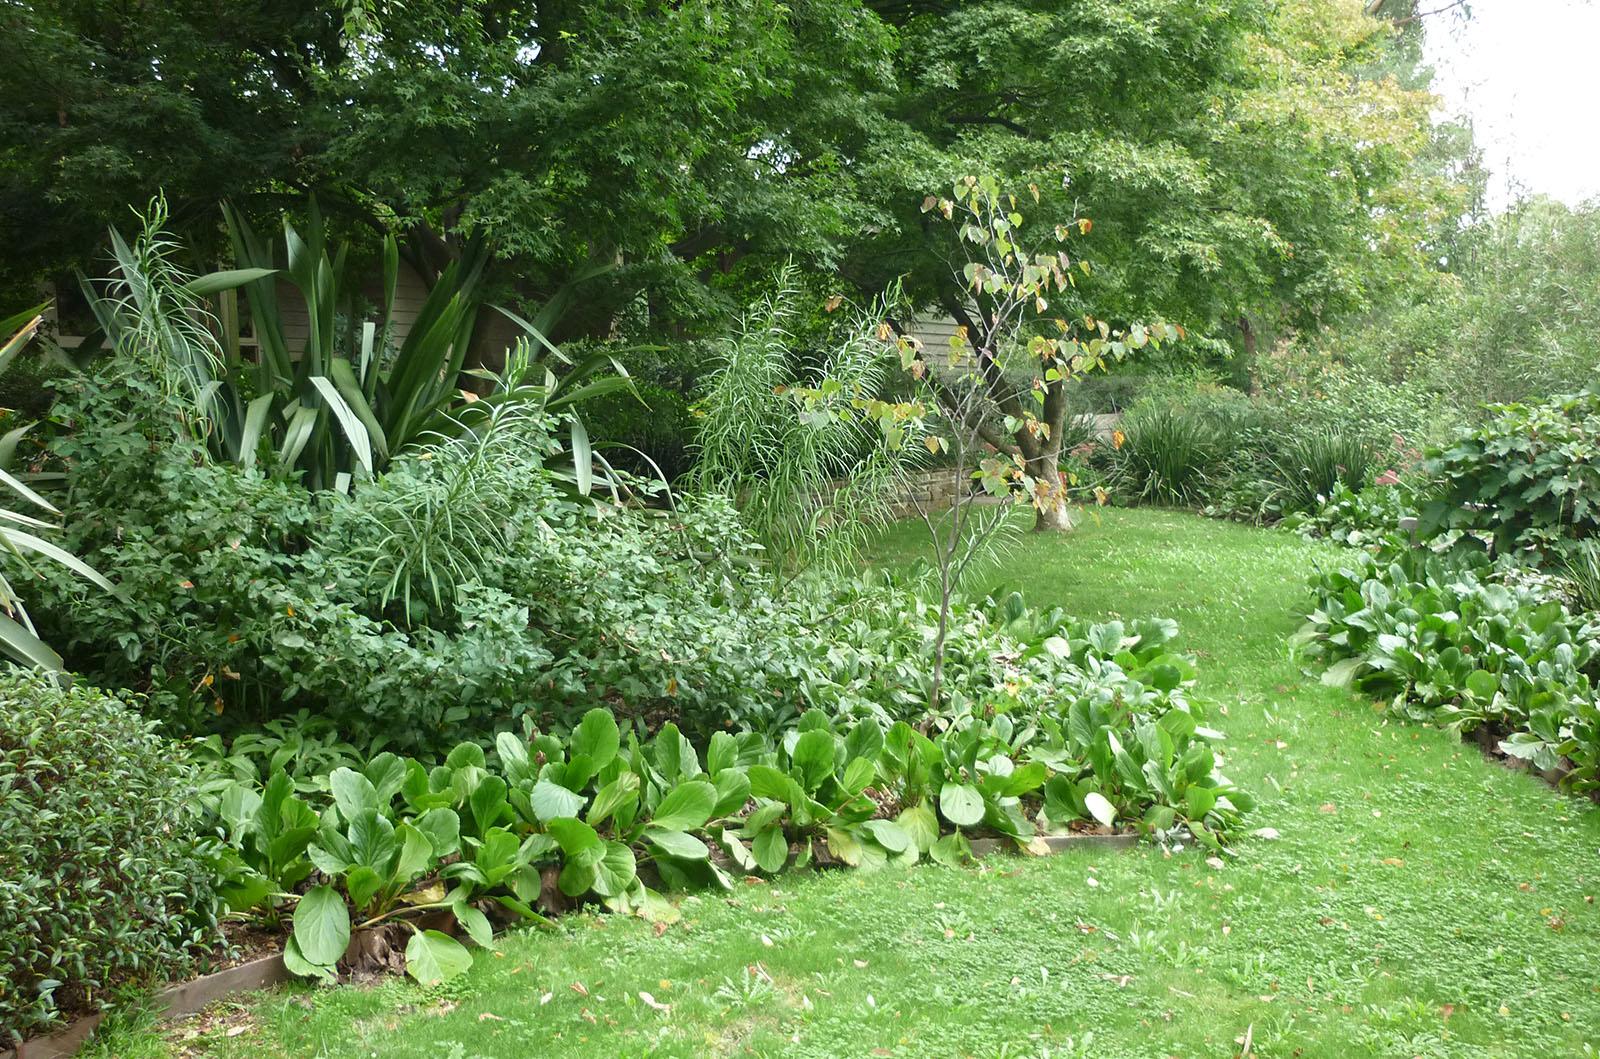 Garden in the Hills_0000s_0002_Vinen 11